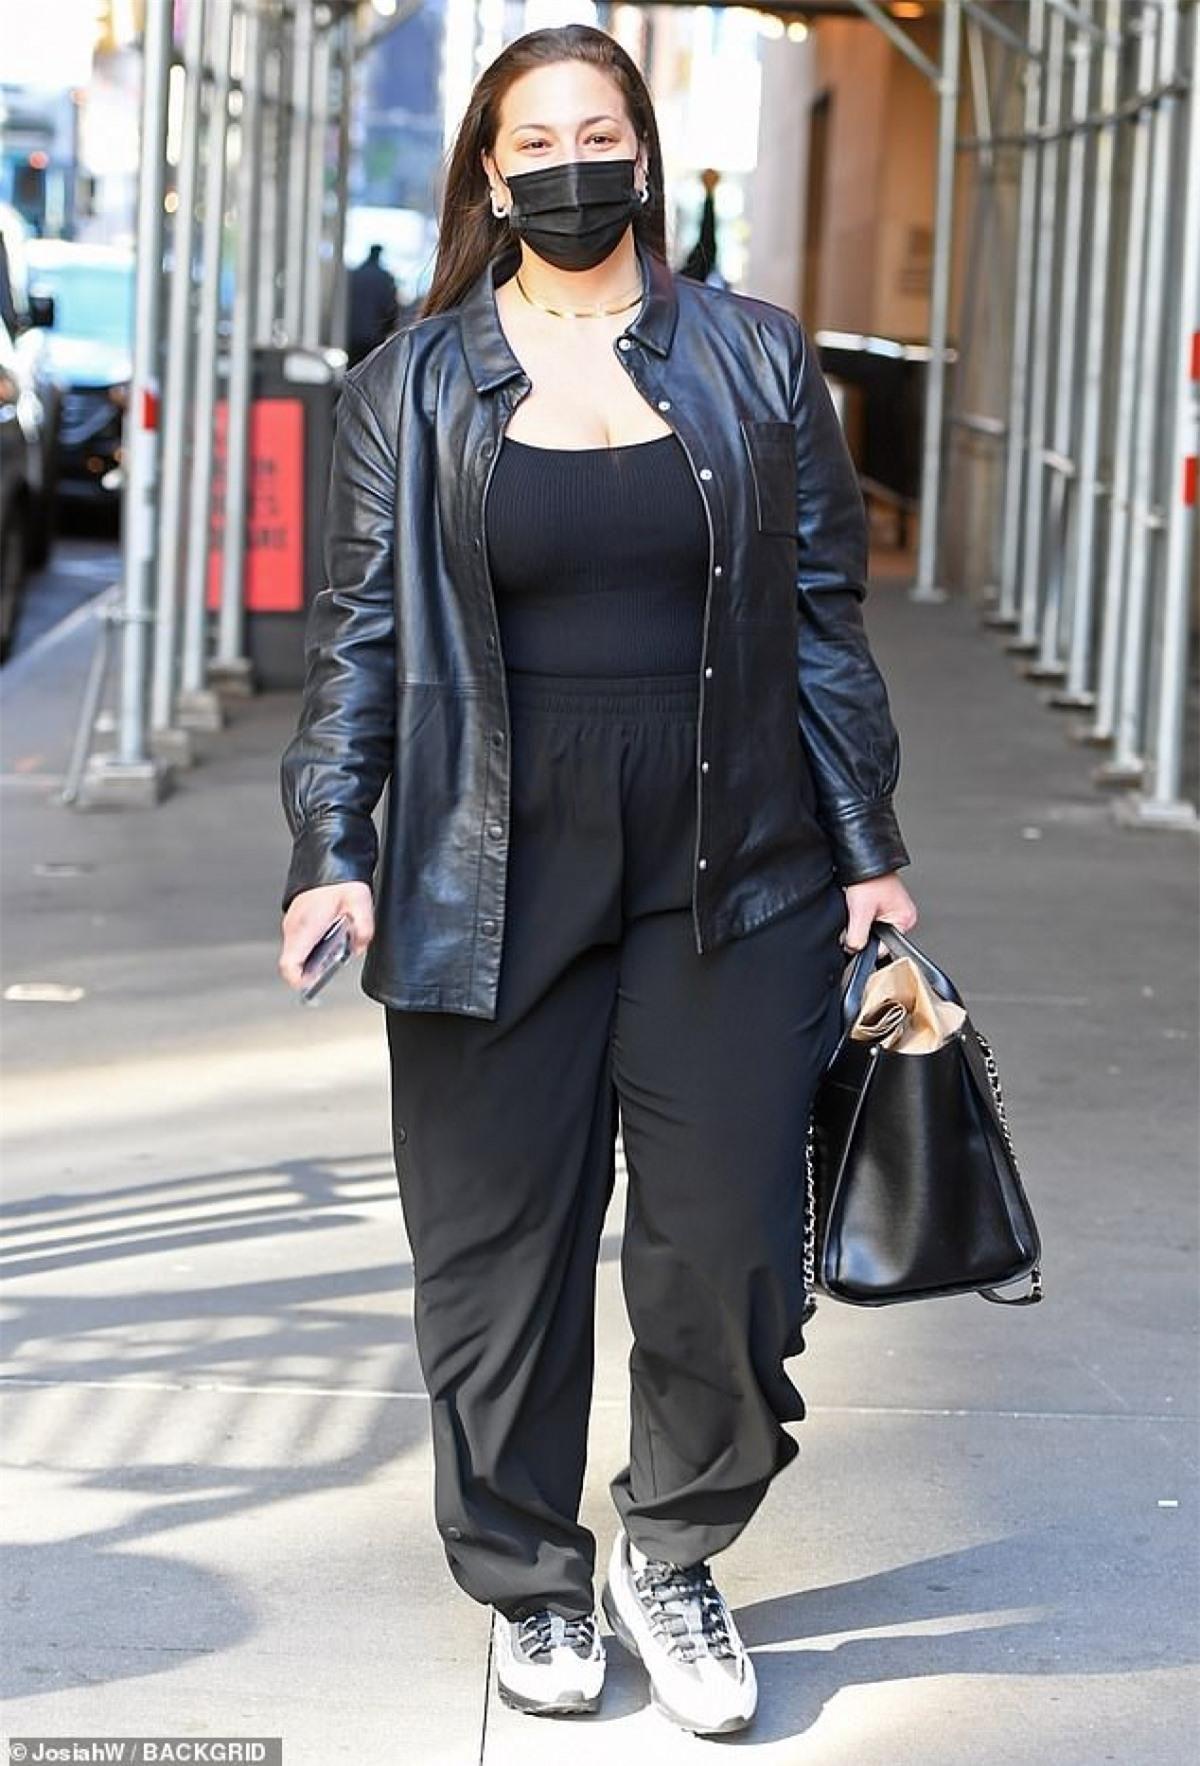 'Người mẫu ngoại cỡ' Ashley Graham diện đồ hiệu đến dự sự kiện thời trang Ảnh 1